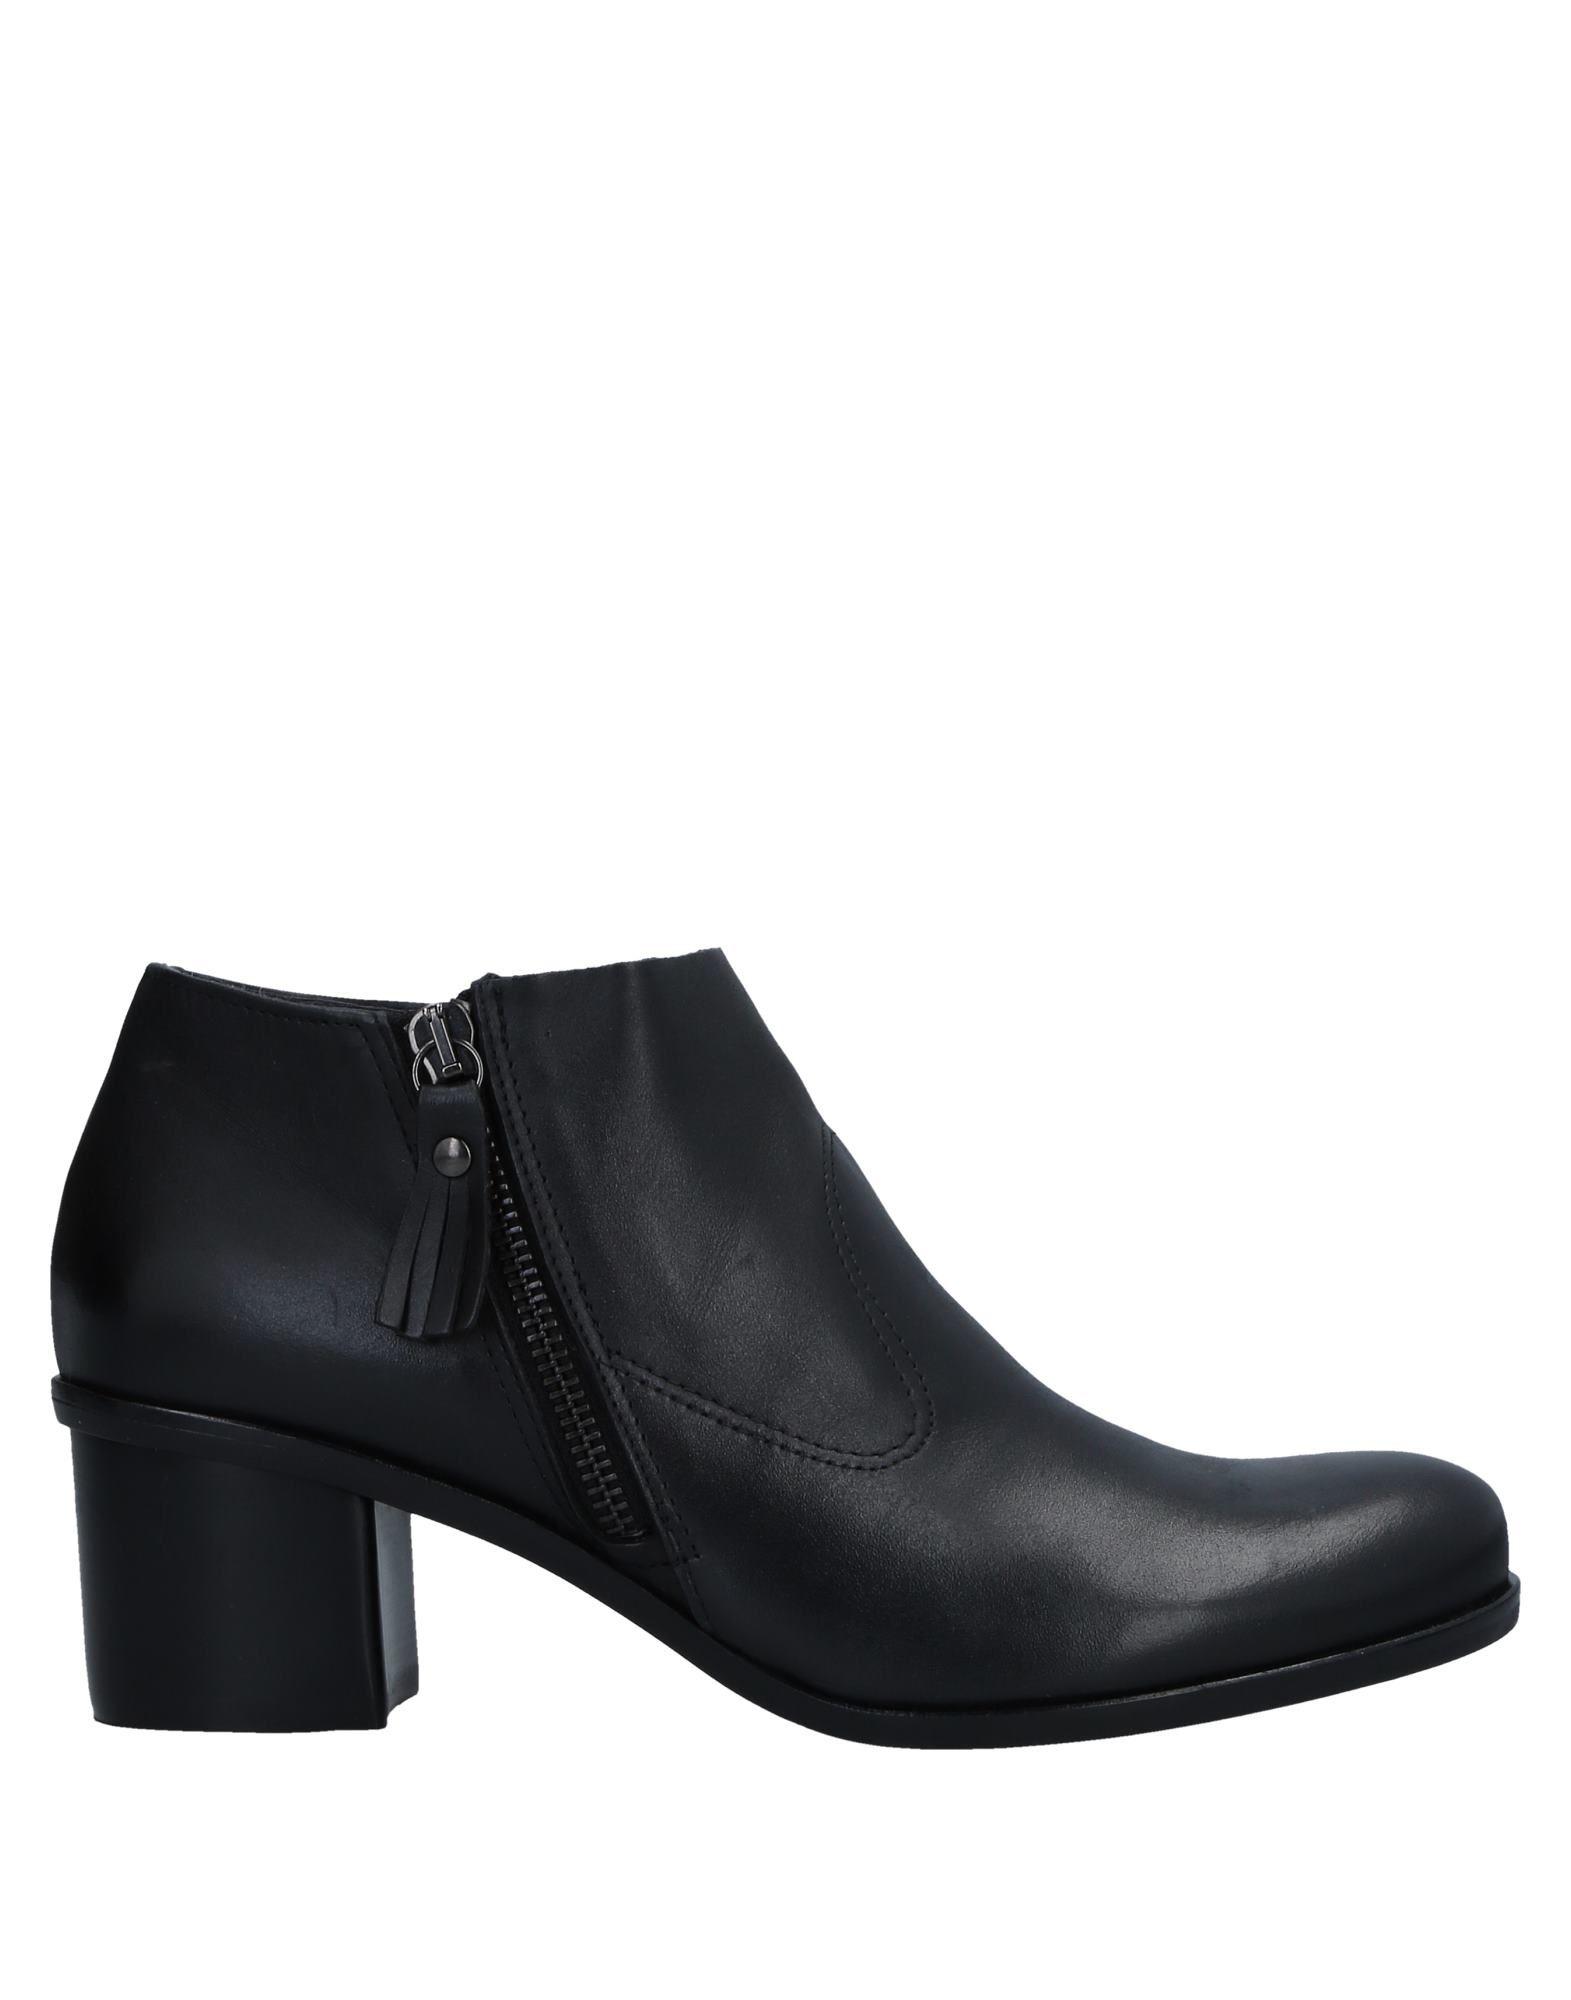 Lilimill Stiefelette Damen  11522283KV Gute Qualität beliebte Schuhe